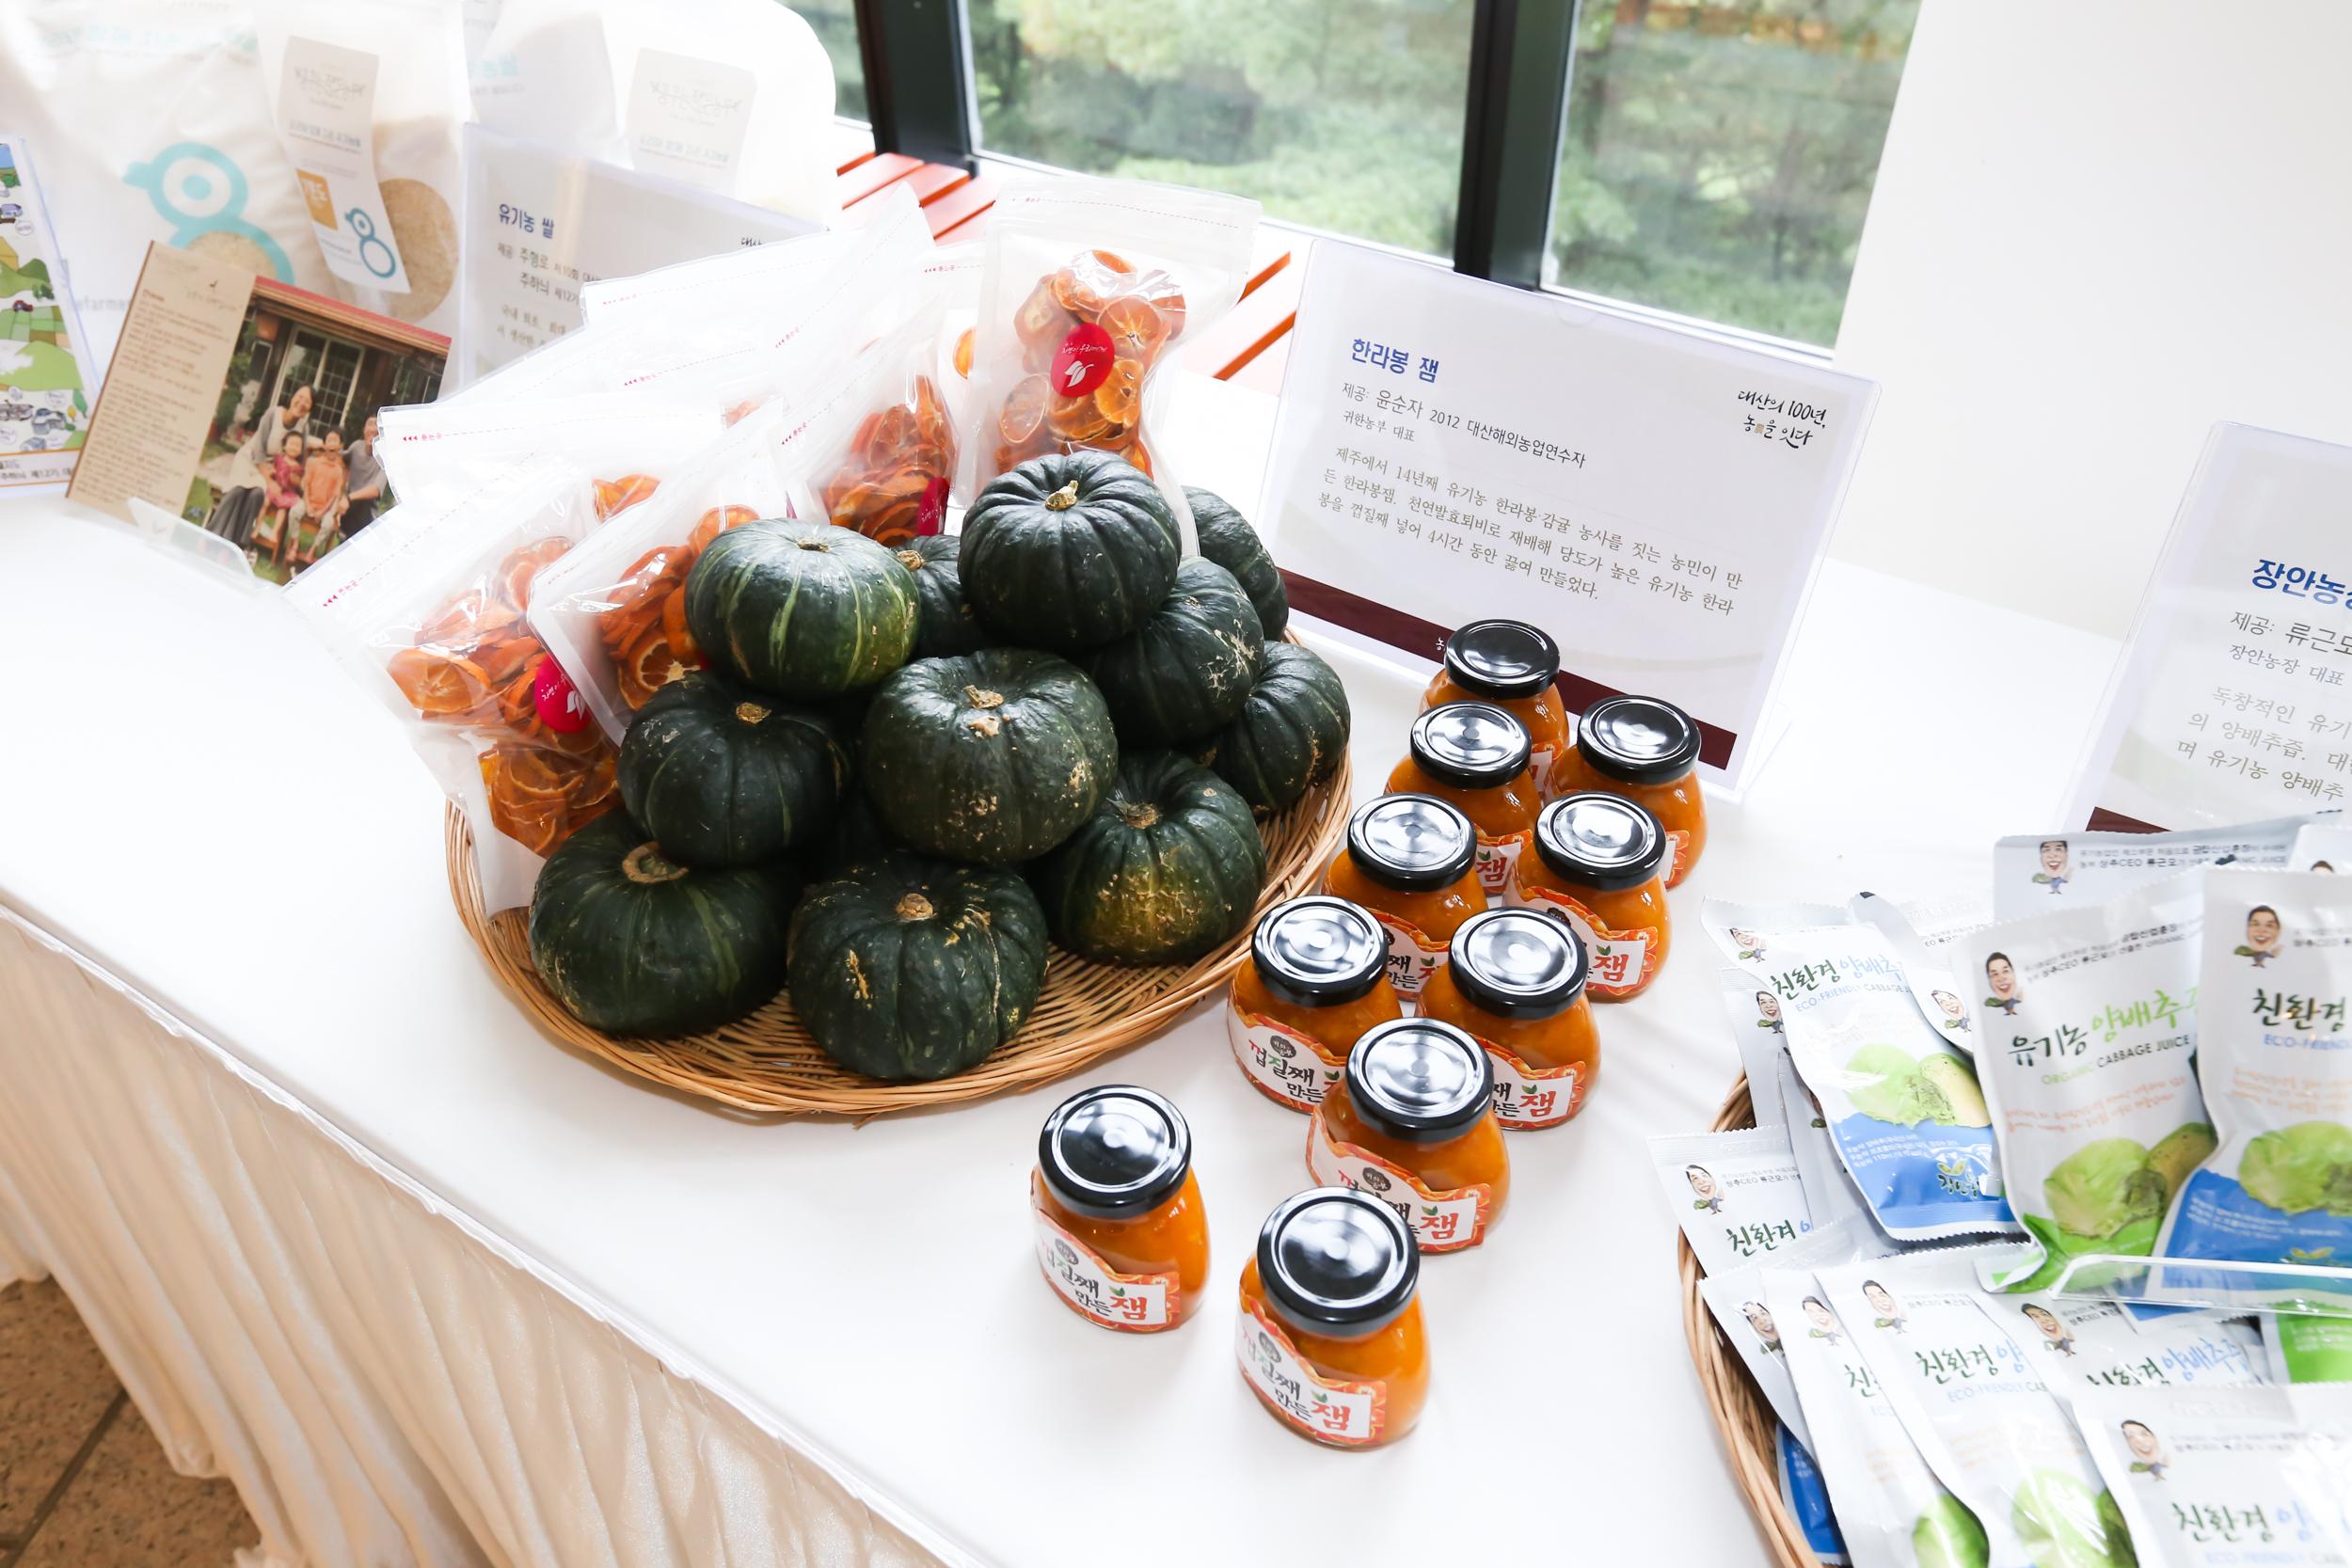 제주에서 14년째 유기농 농사를 짓는 윤순자 귀한농부 대표의 유기농 단호박과 귤칩, 한라봉 잼.